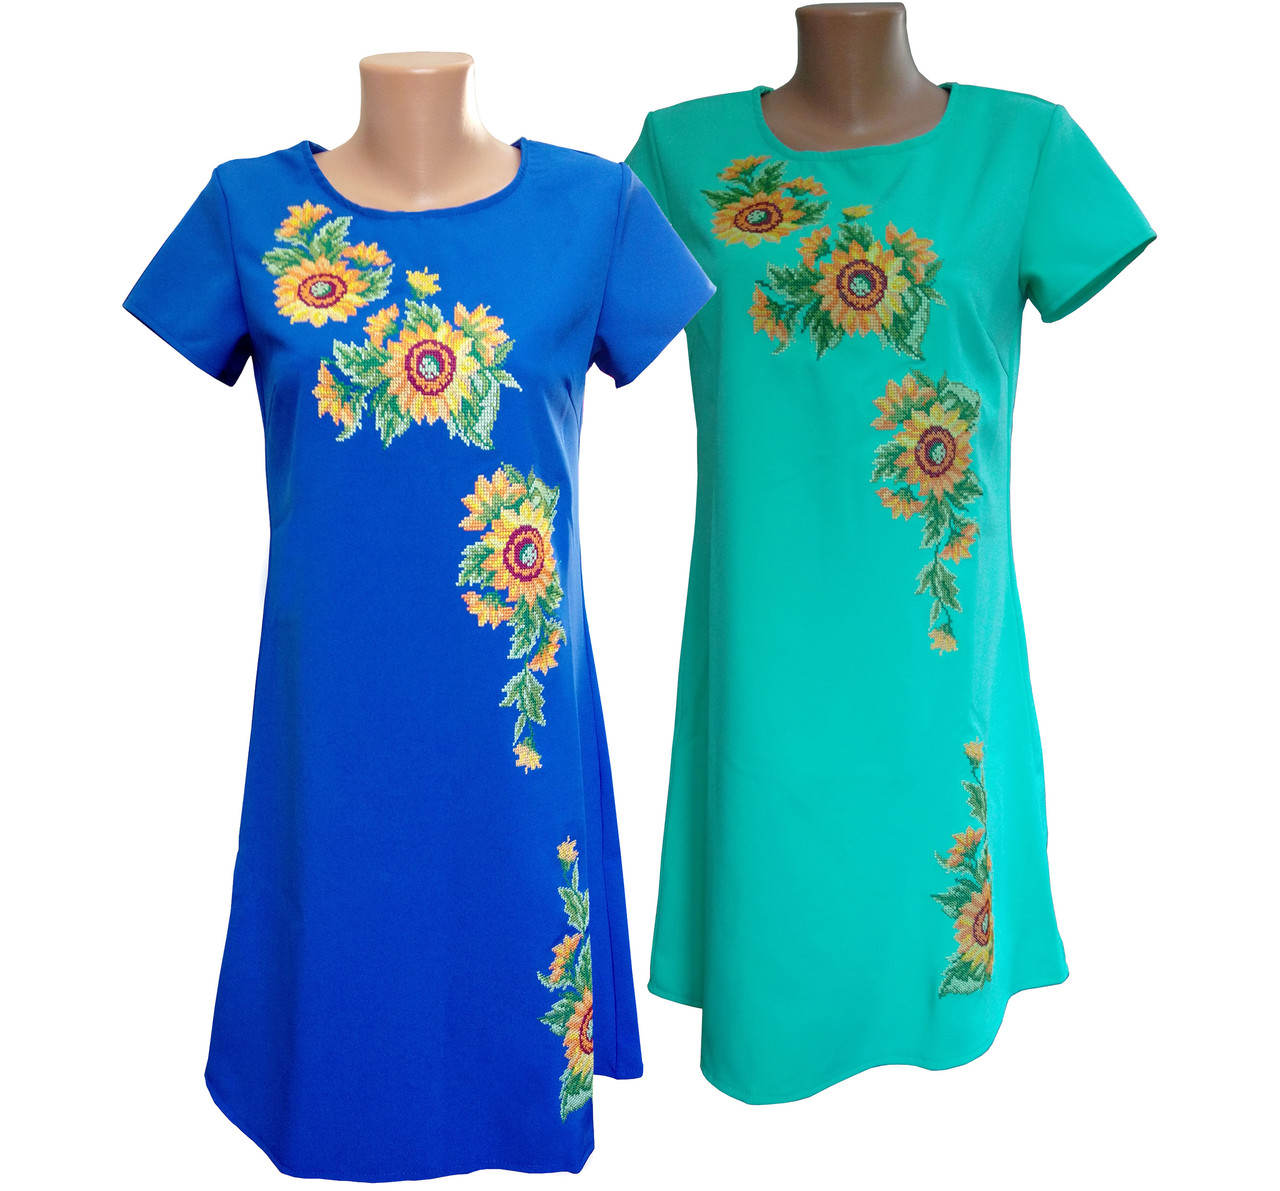 Яскраво синя вишита жіноча сукня із квітковим орнаментом та вільним кроєм «Соняшник»